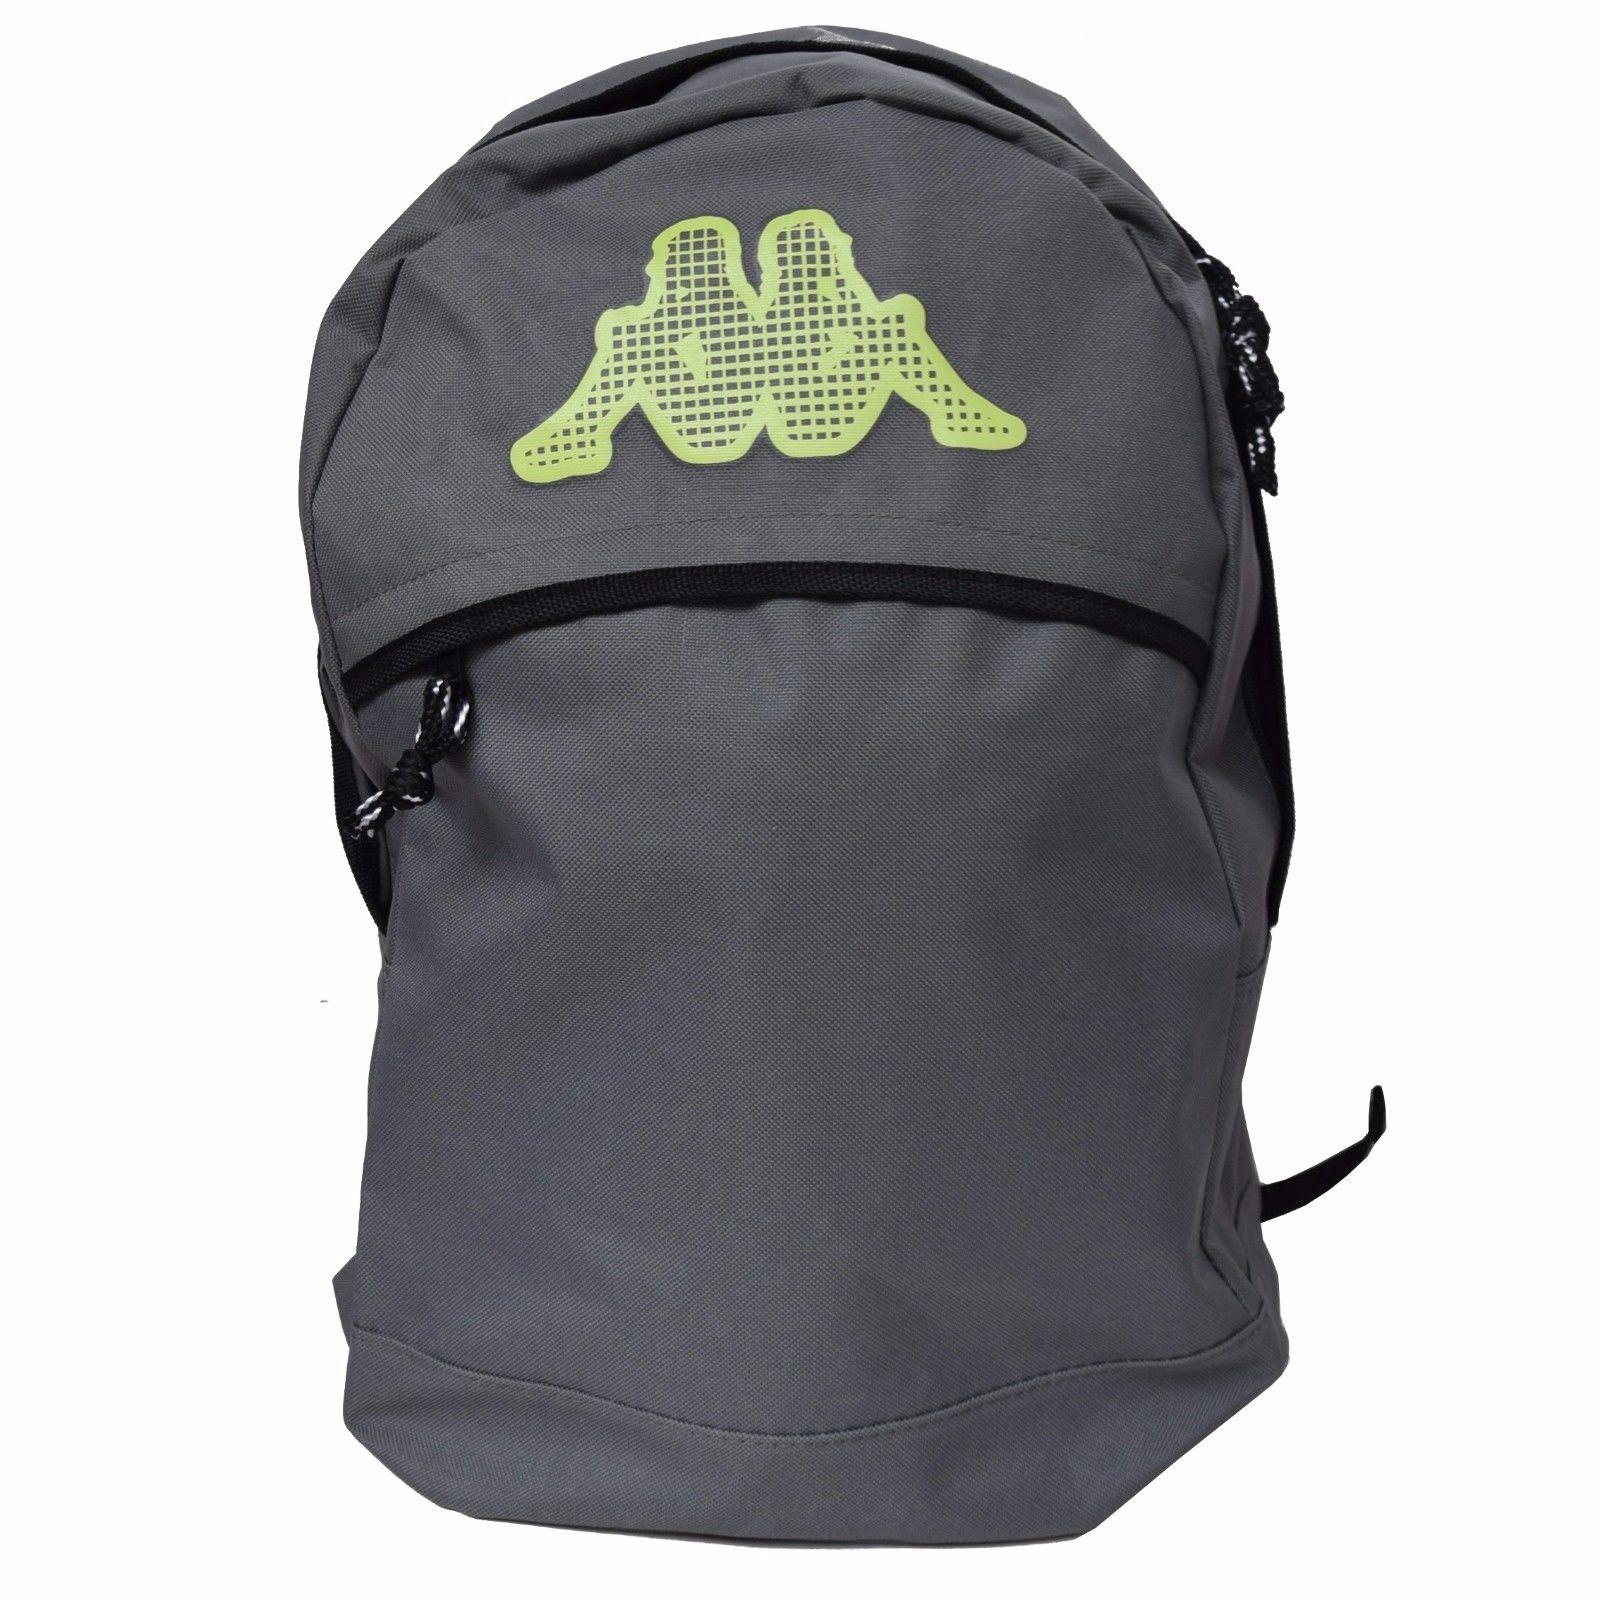 kappa rucksack sportrucksack backpack schulrucksack. Black Bedroom Furniture Sets. Home Design Ideas